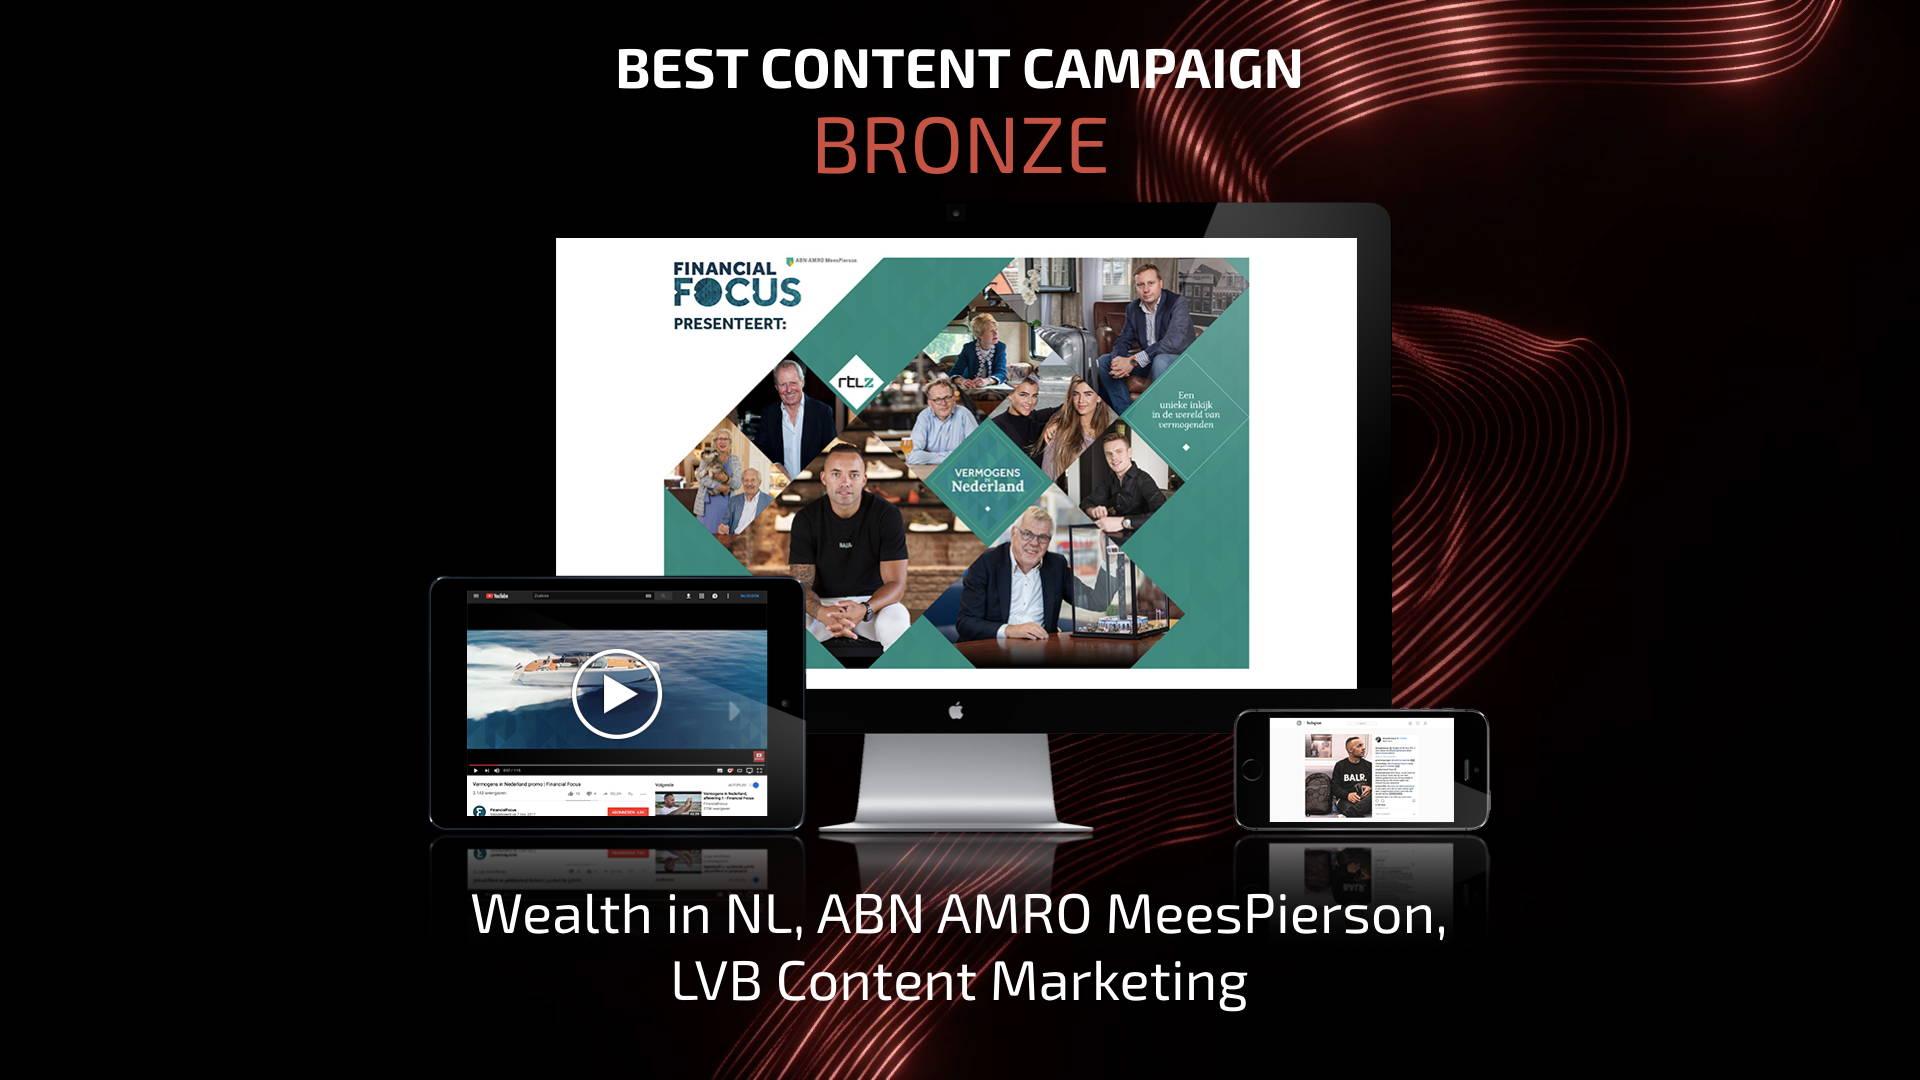 Best Content Campaign - Bronze